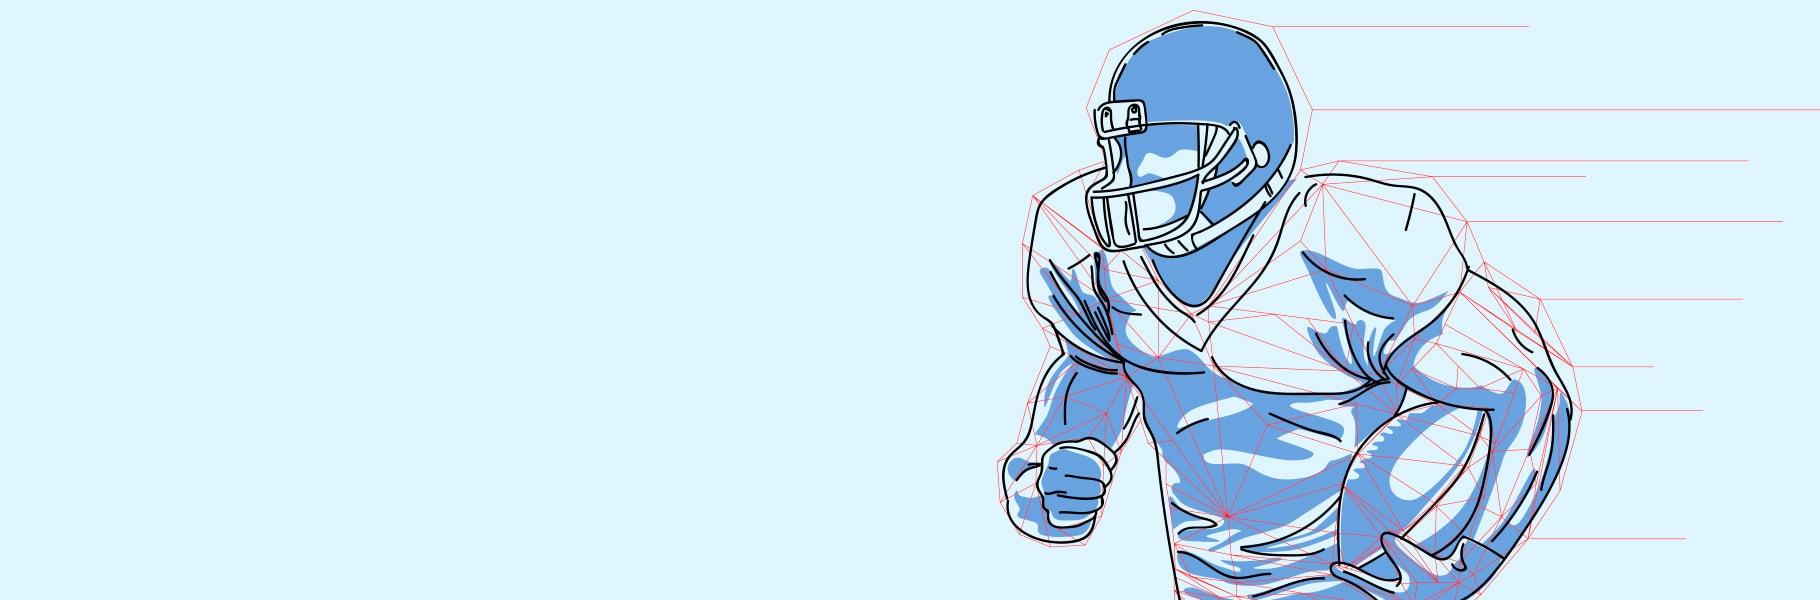 El logo de los mejores Super Bowls ¿Cuál es tu edición favorita?